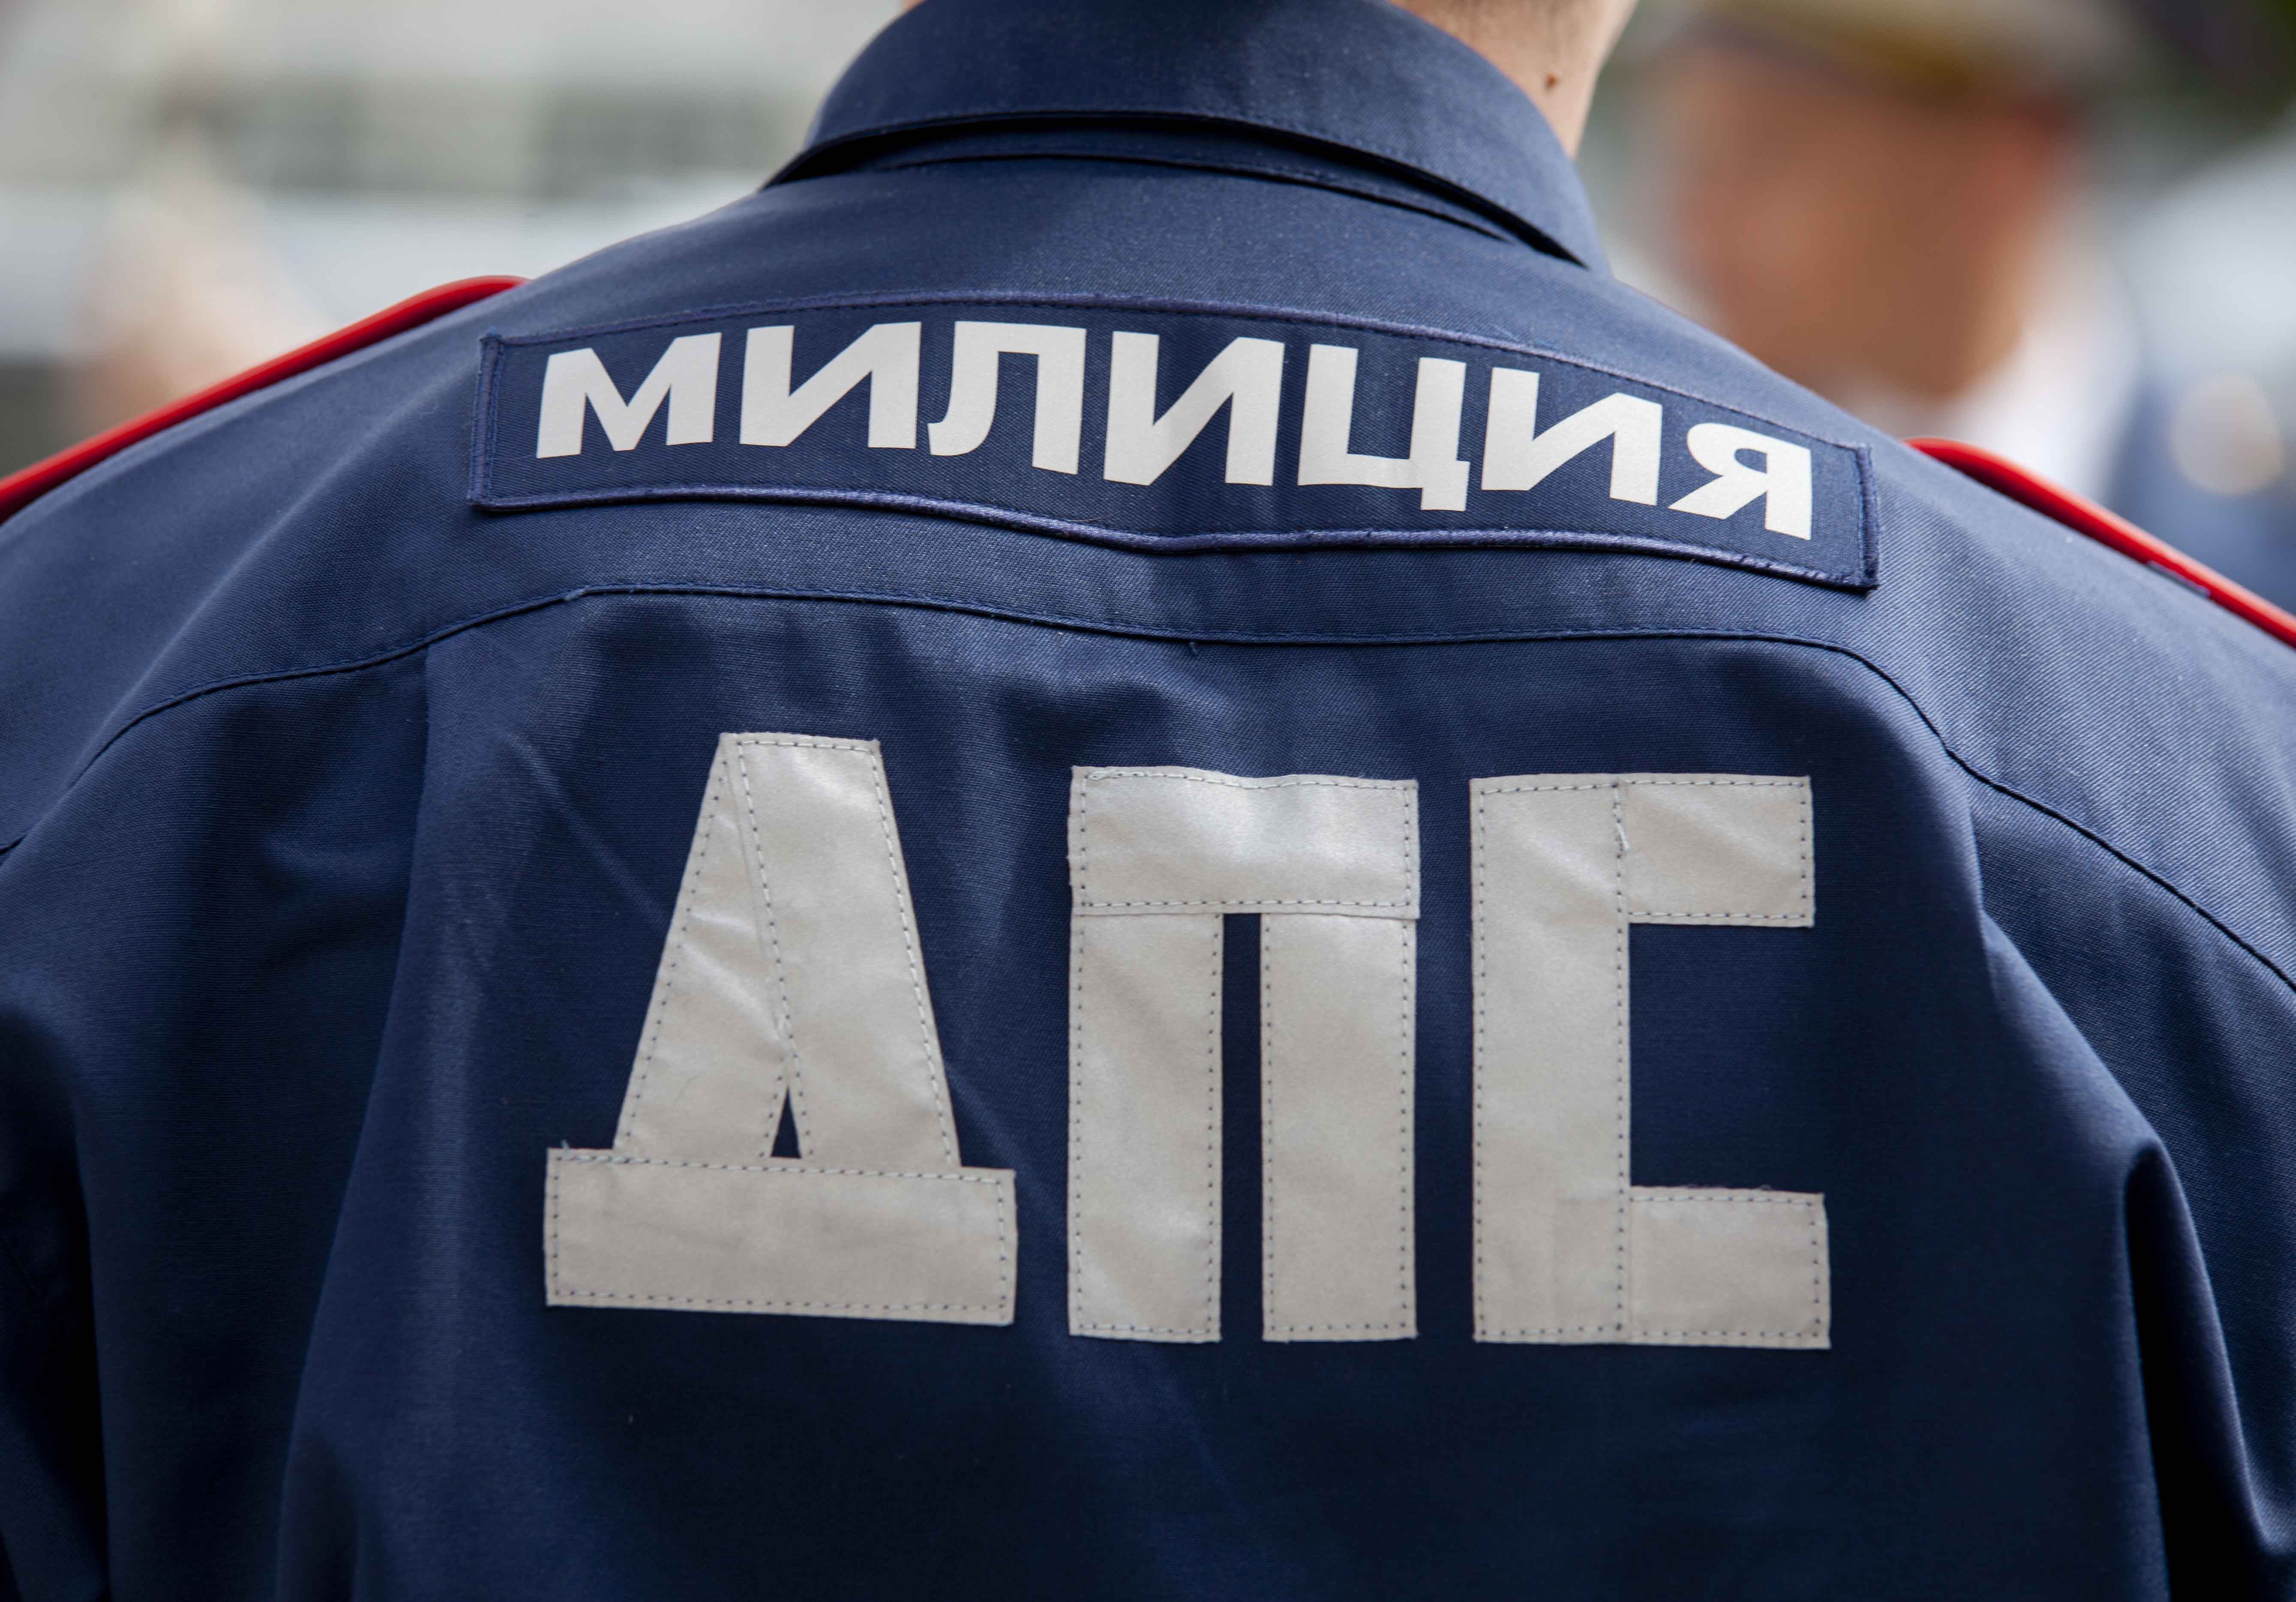 ГИБДД Екатеринбурга ищет свидетелей январского ДТП